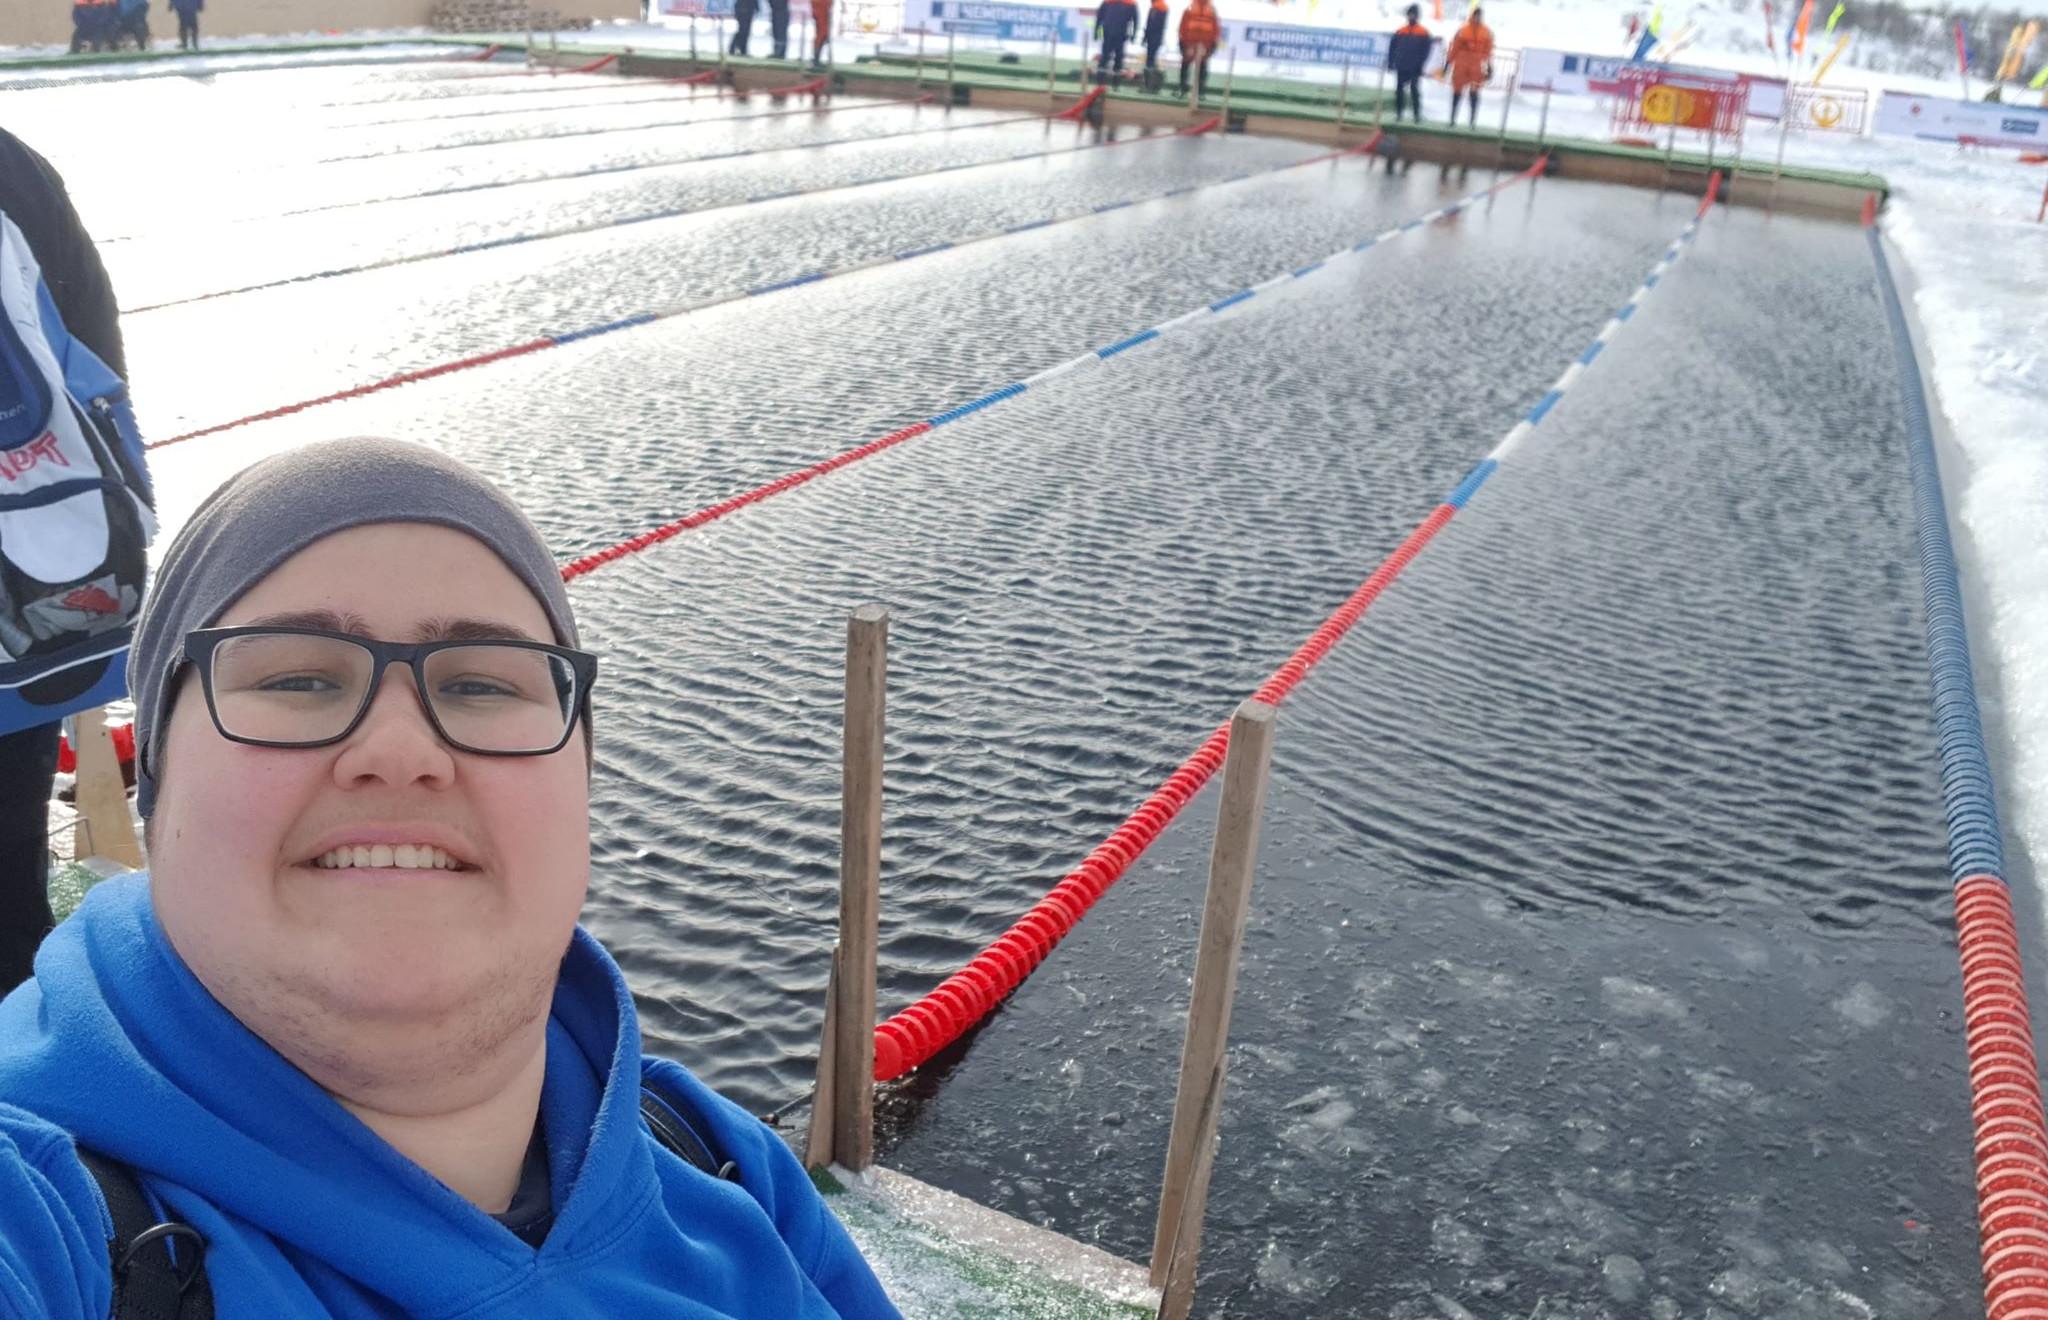 Yasmine Pließnig bei den Eisschwimm Weltmeisterschaften in Murmansk Russland